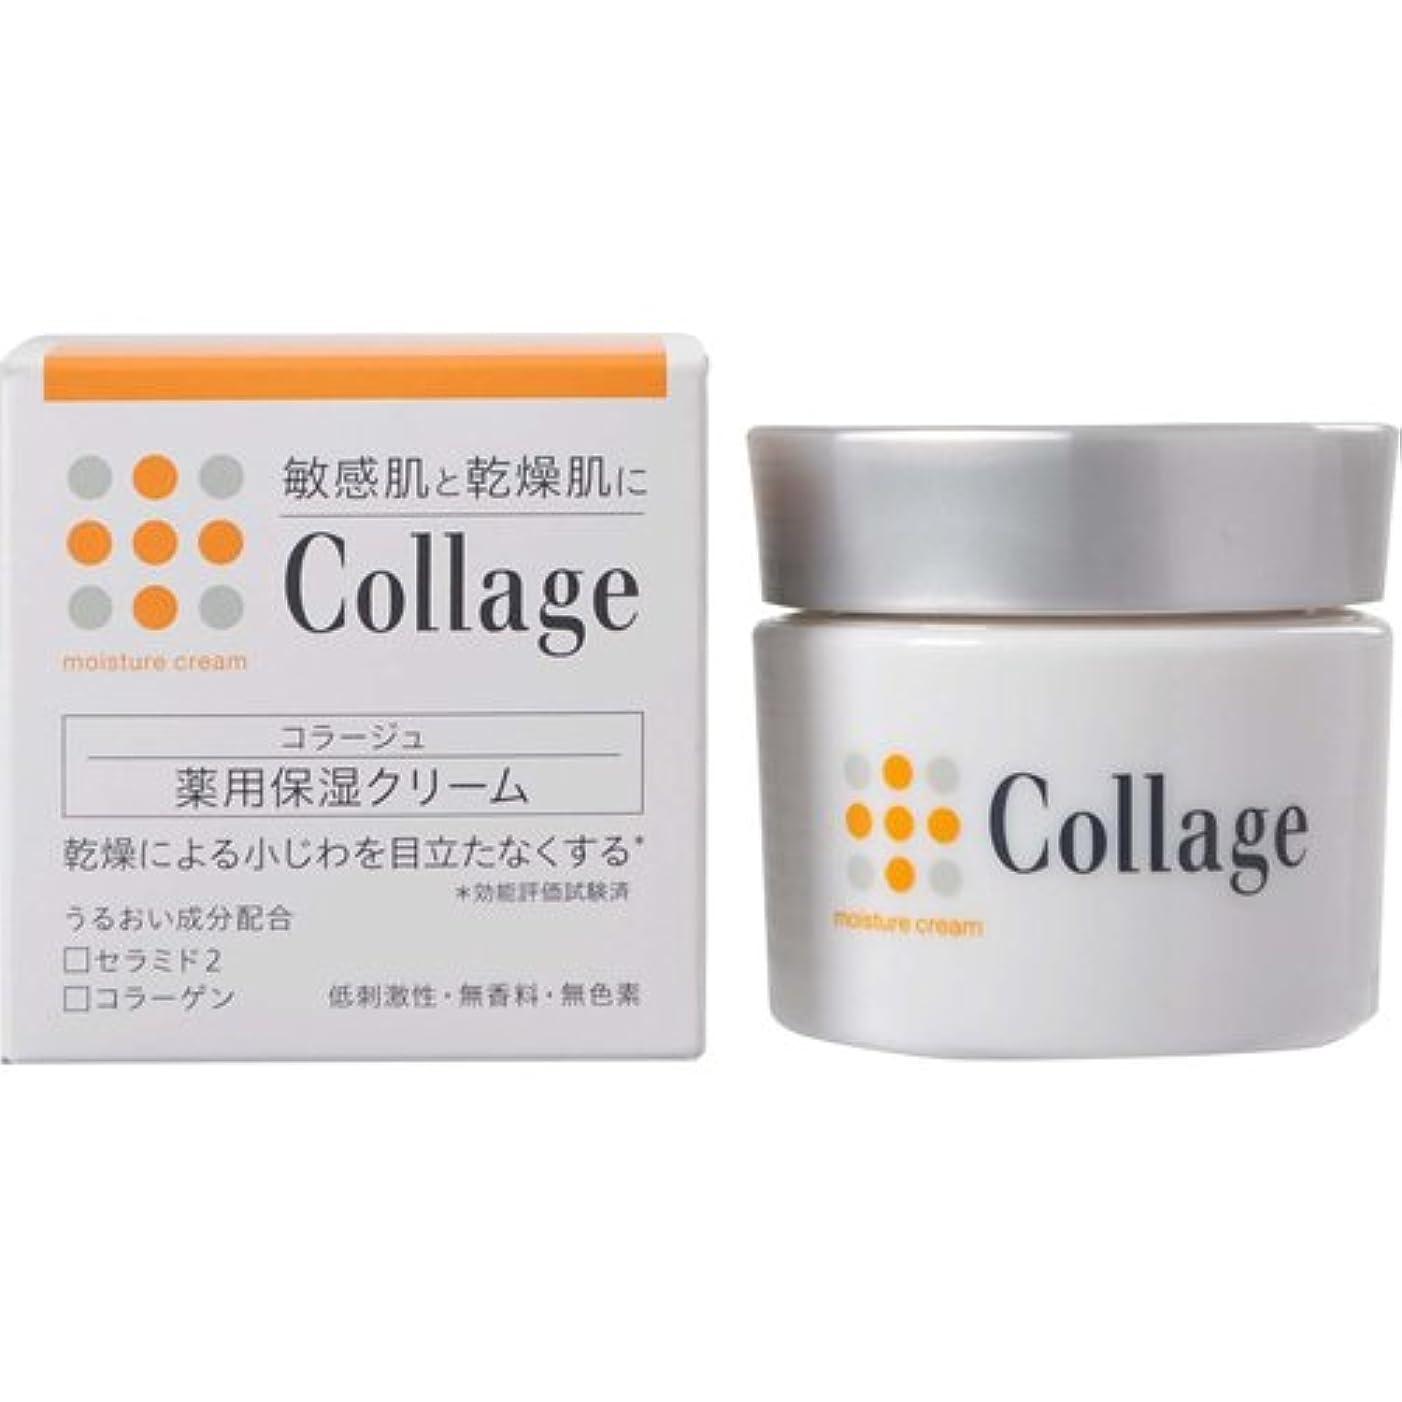 記述する曖昧な仮定コラージュ 薬用保湿クリーム 30g 【医薬部外品】